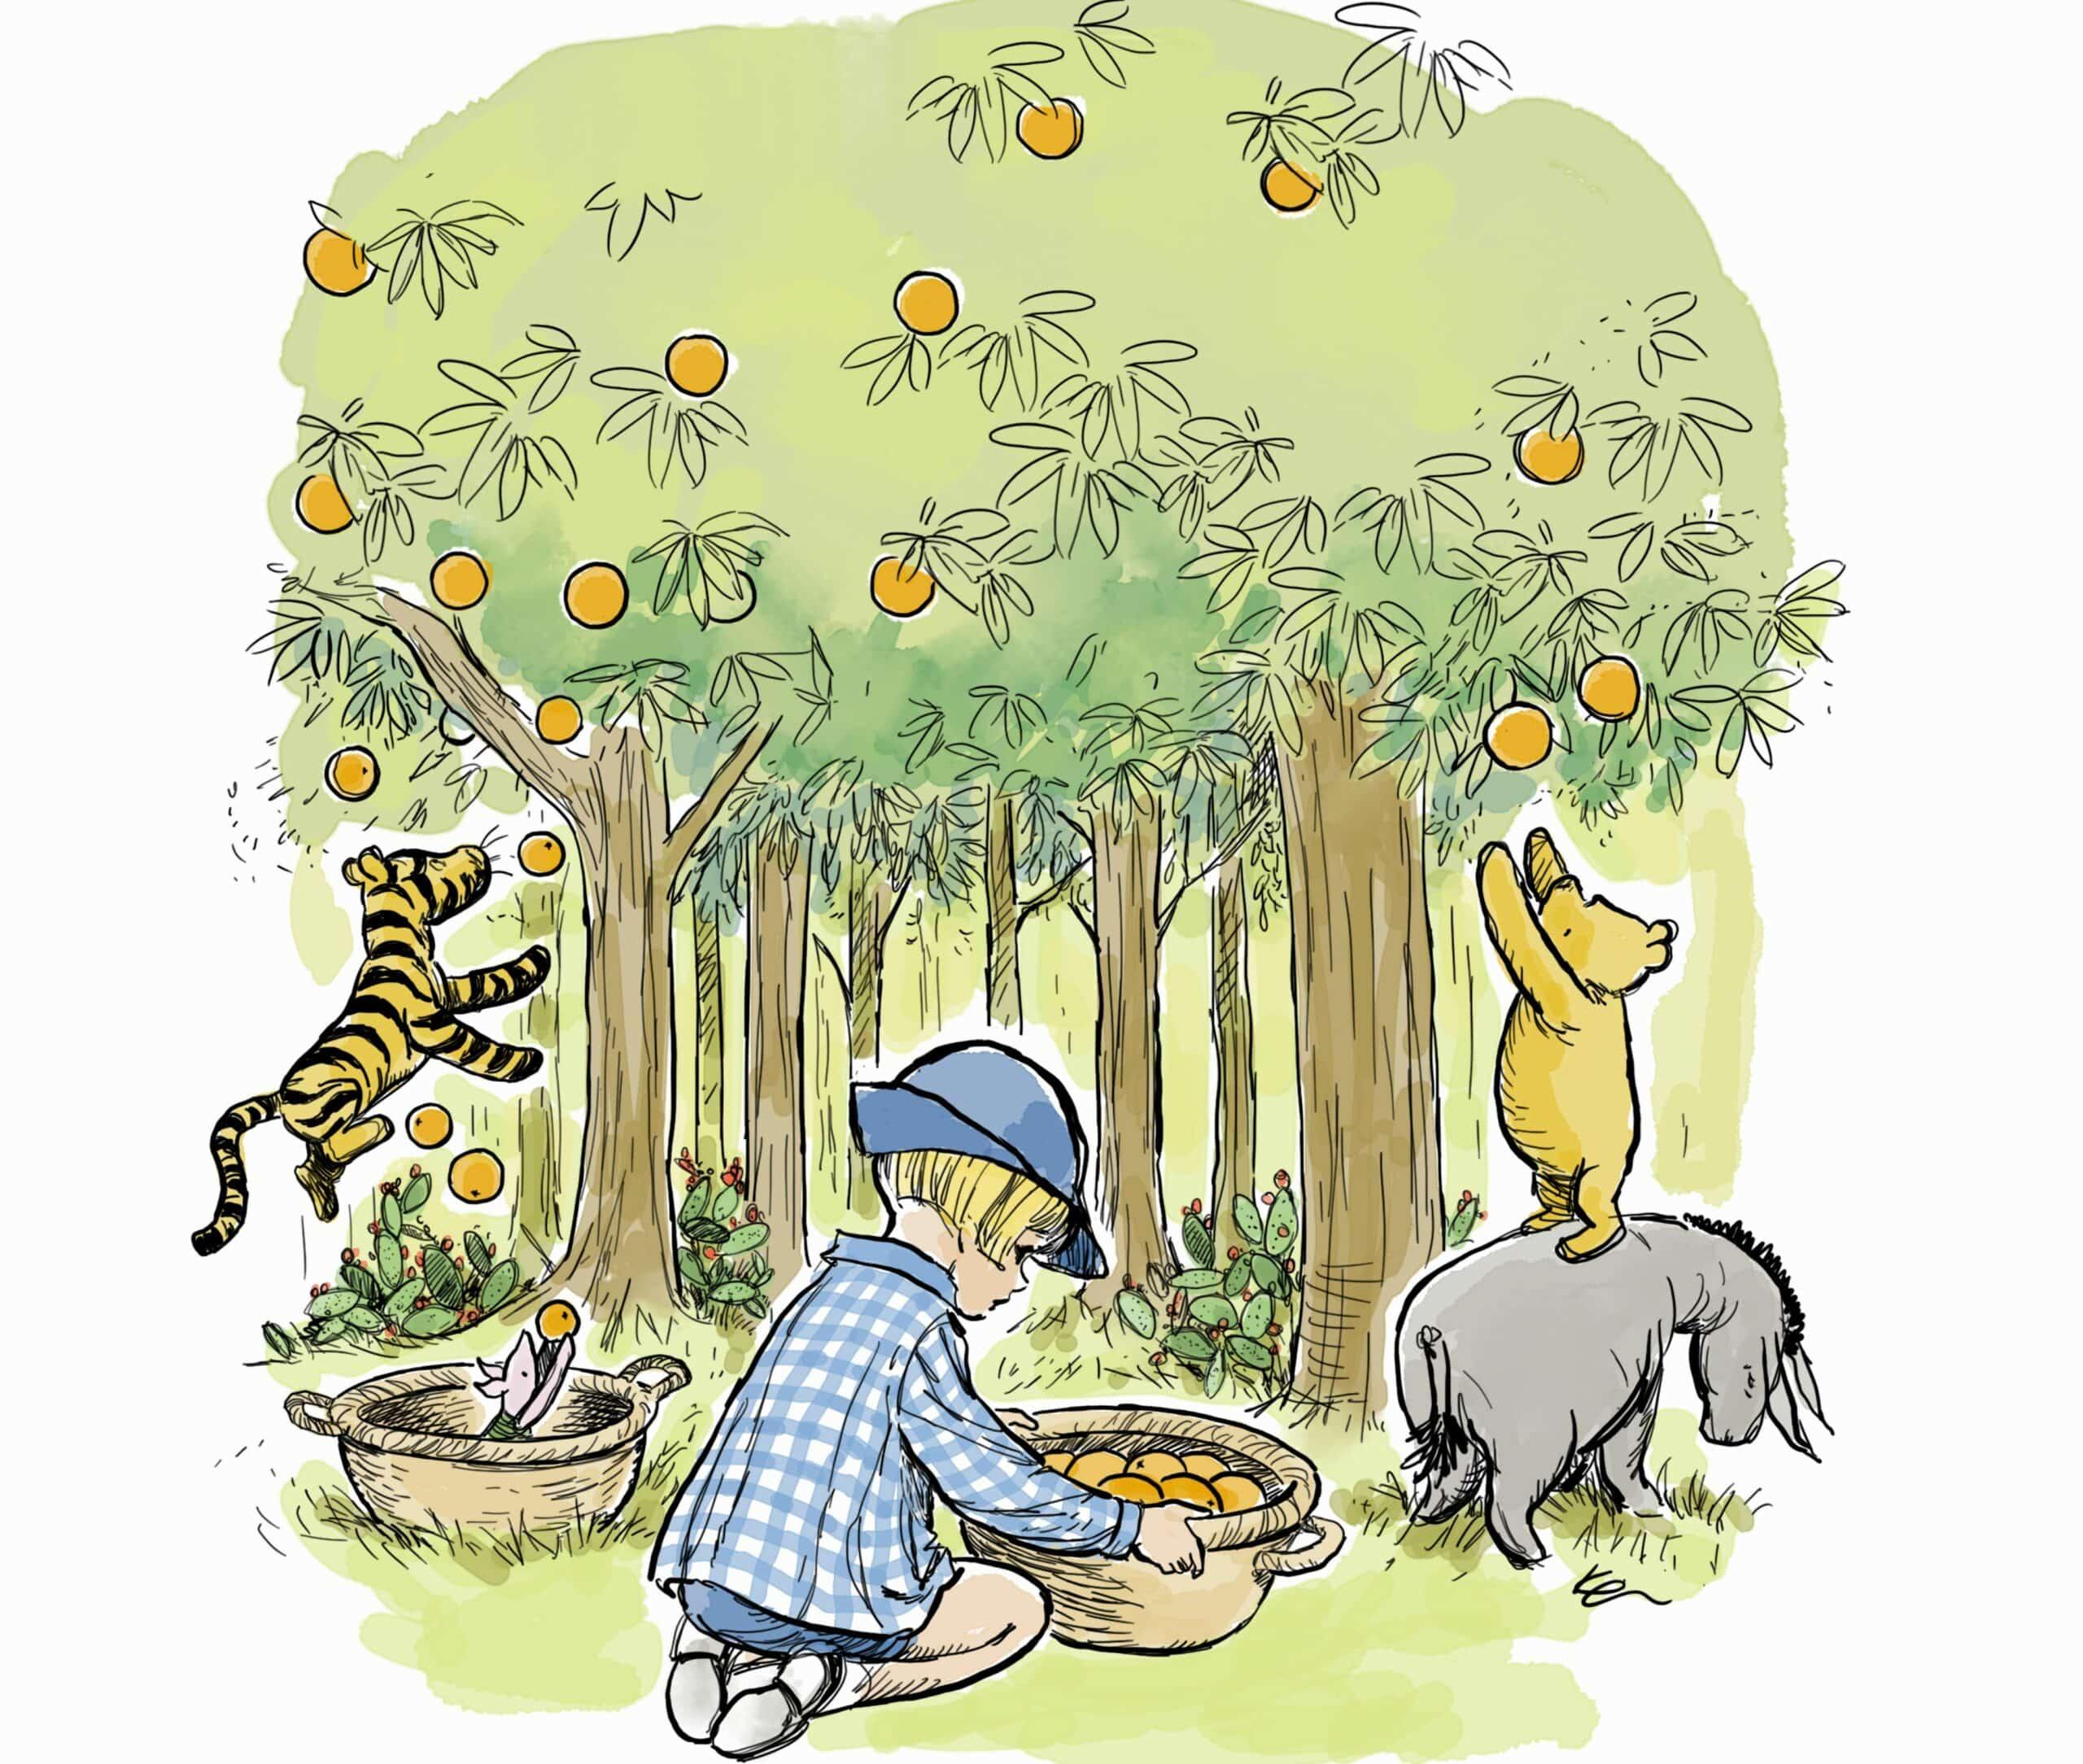 פו הדב וחבריו קוטפים תפוזים בפרדס בקיבוץ